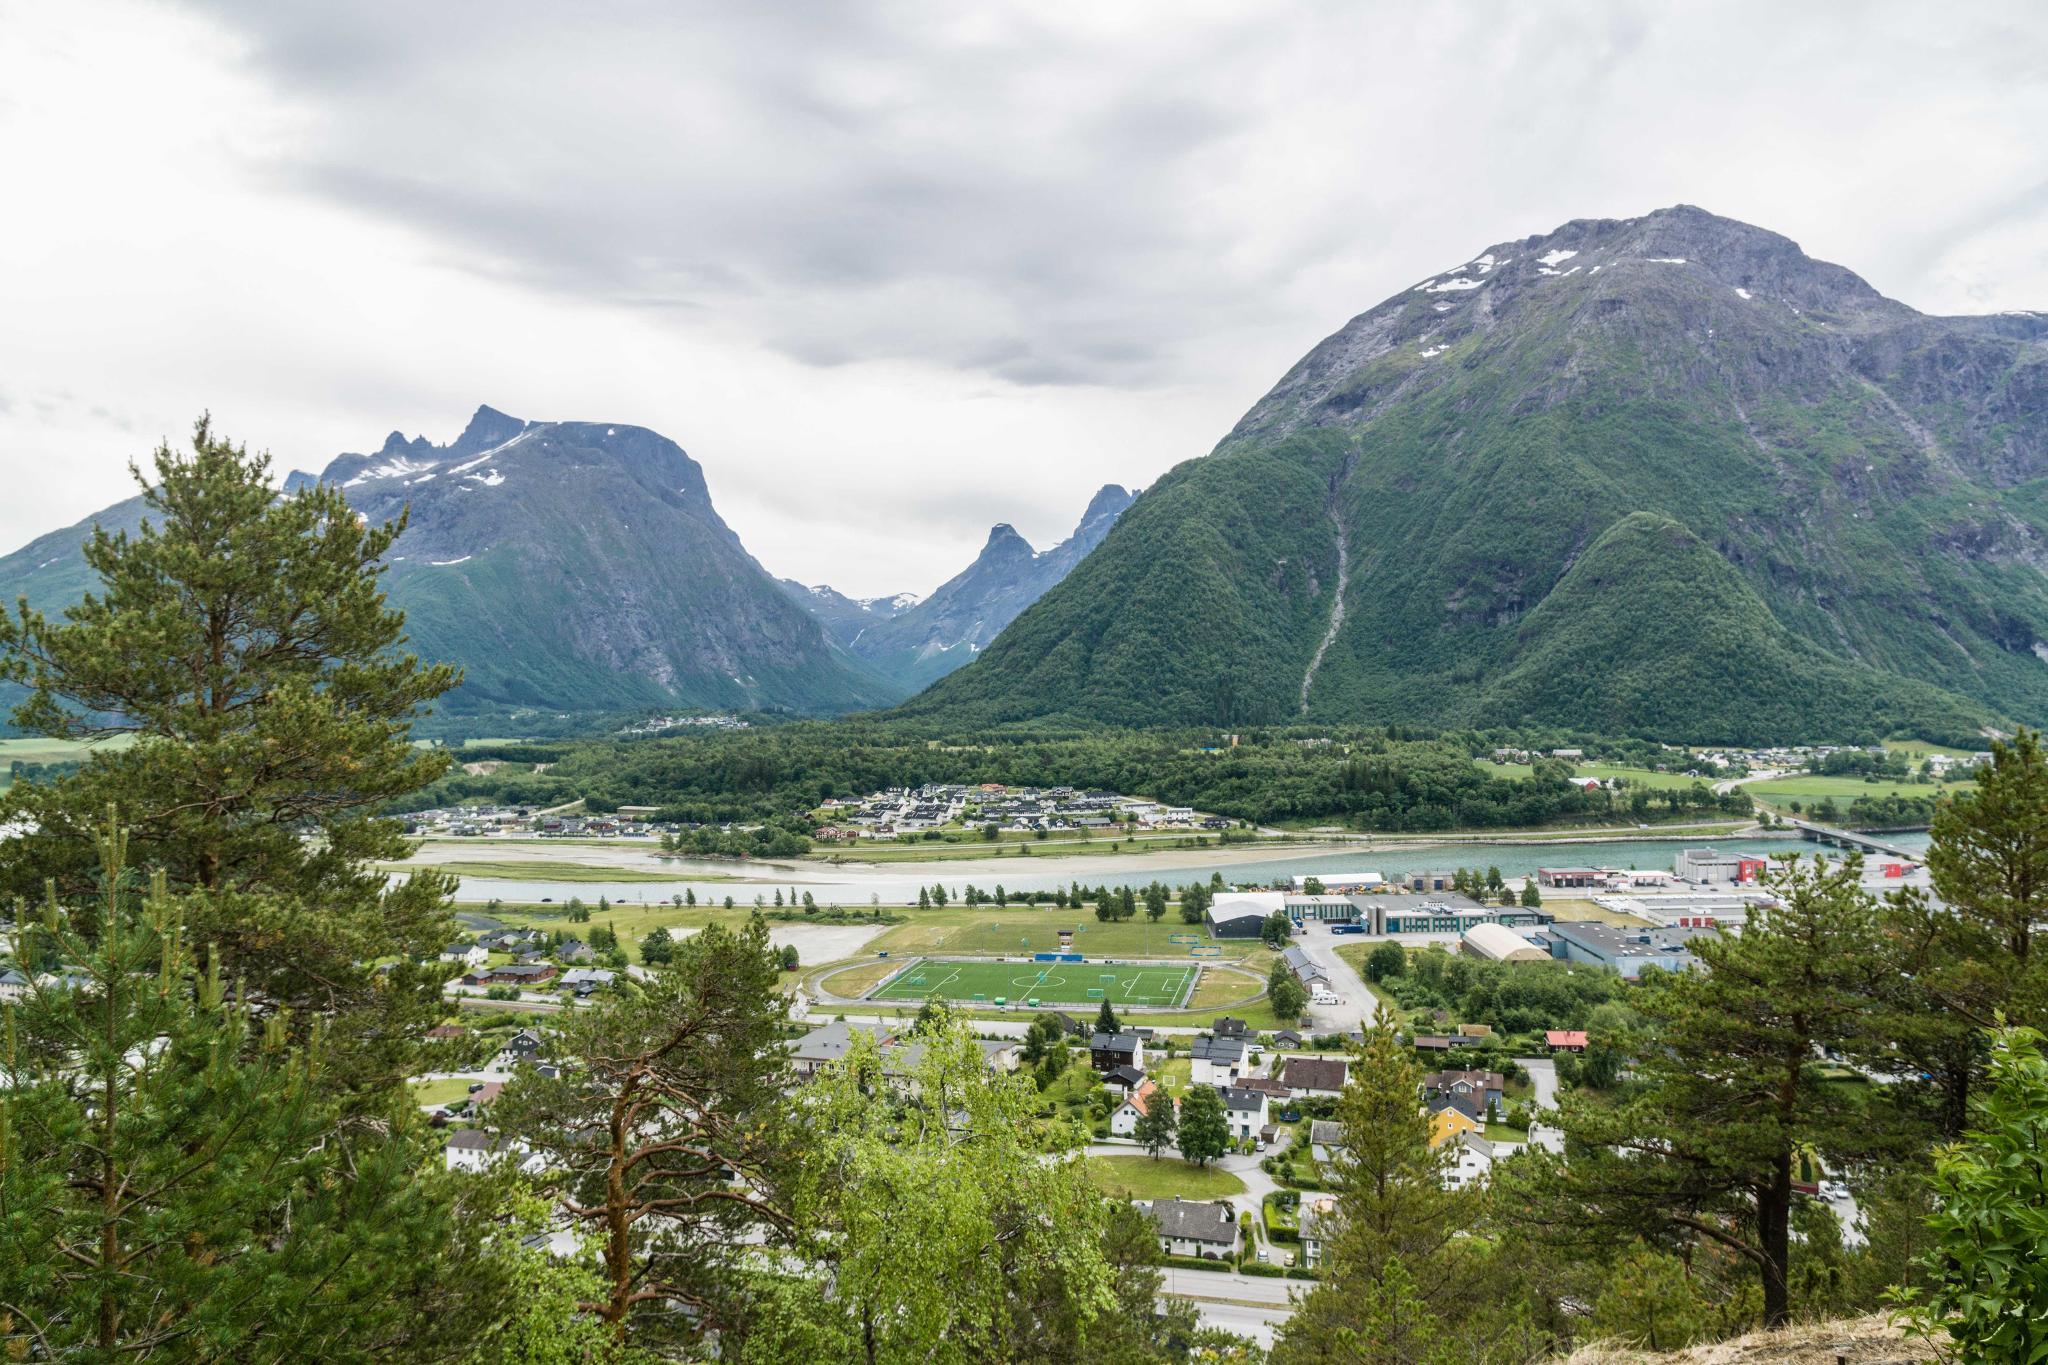 【北歐景點】峽灣區起點Åndalsnes健行 - 鳥瞰峽灣全景的Rampestreken觀景台 10